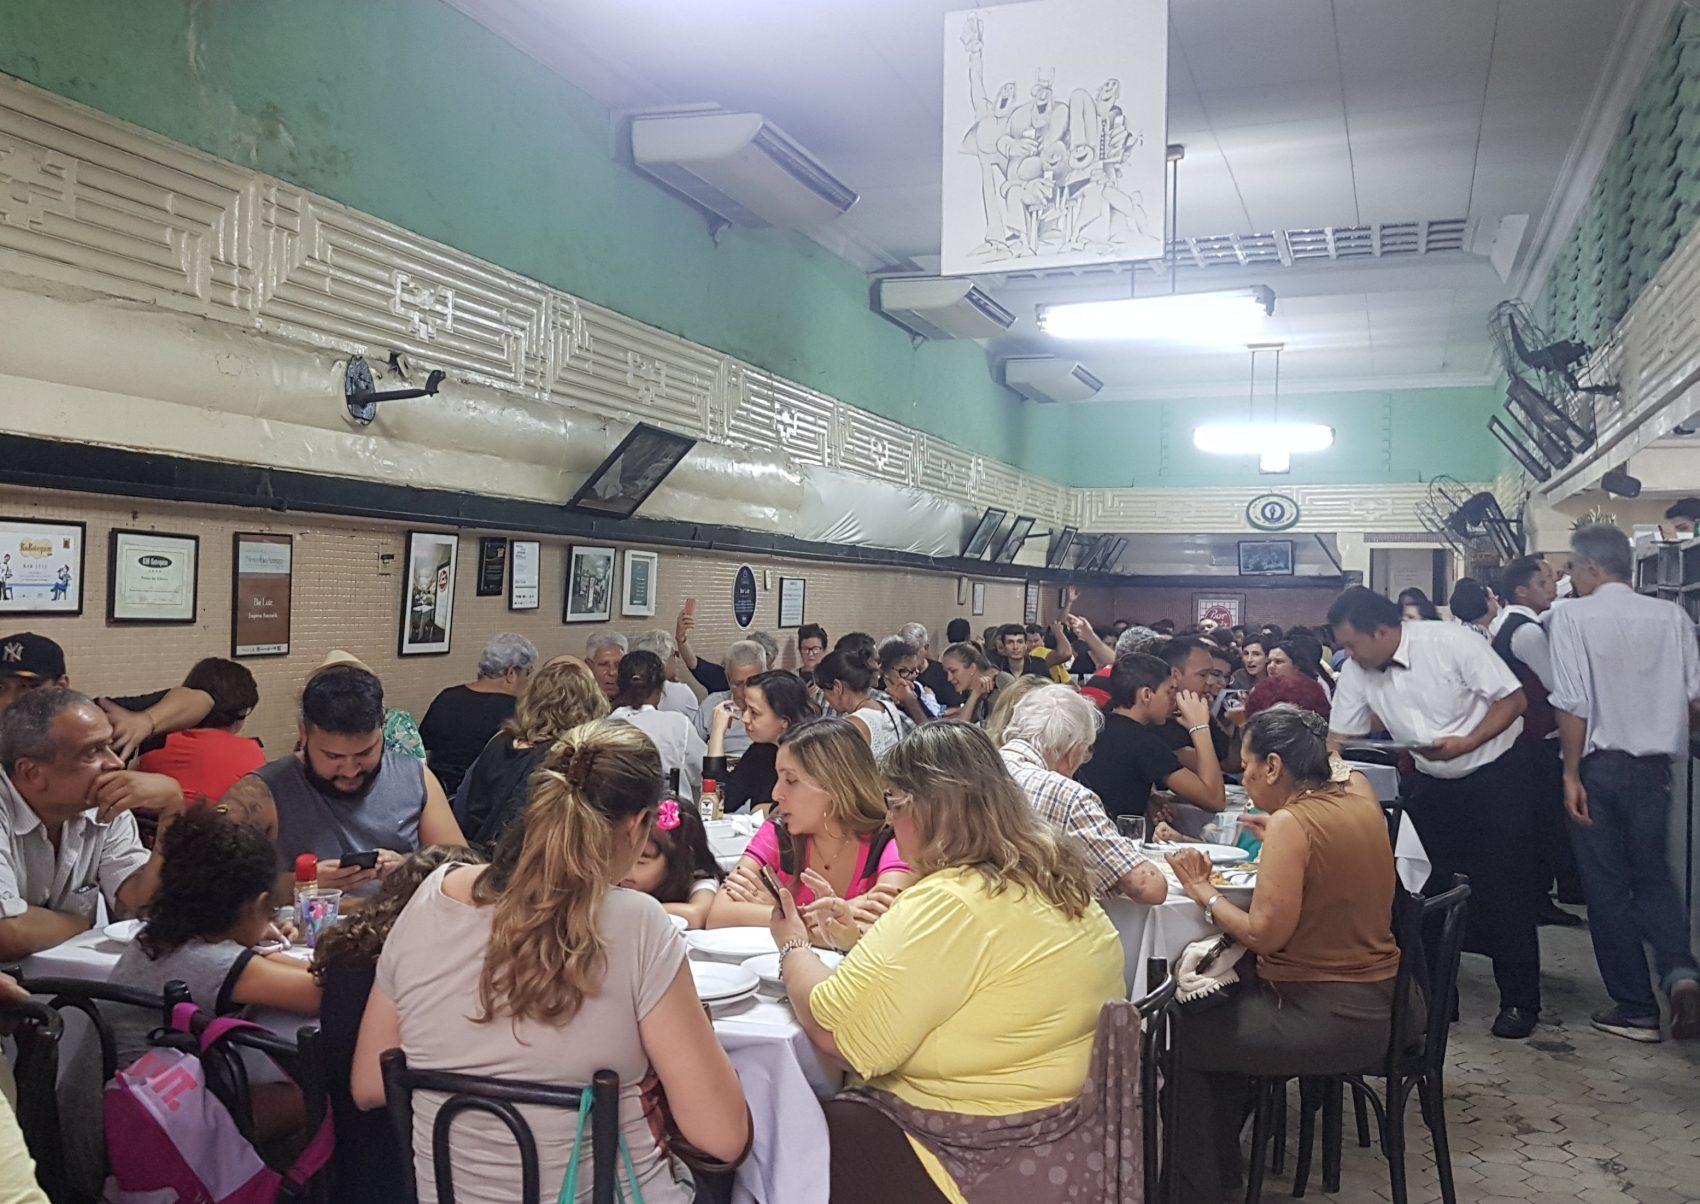 Casa cheia no Bar Luiz de segunda a sábado: faturamento em uma semana três veze maior do que um mês inteiro (Foto: Oscar Valporto)